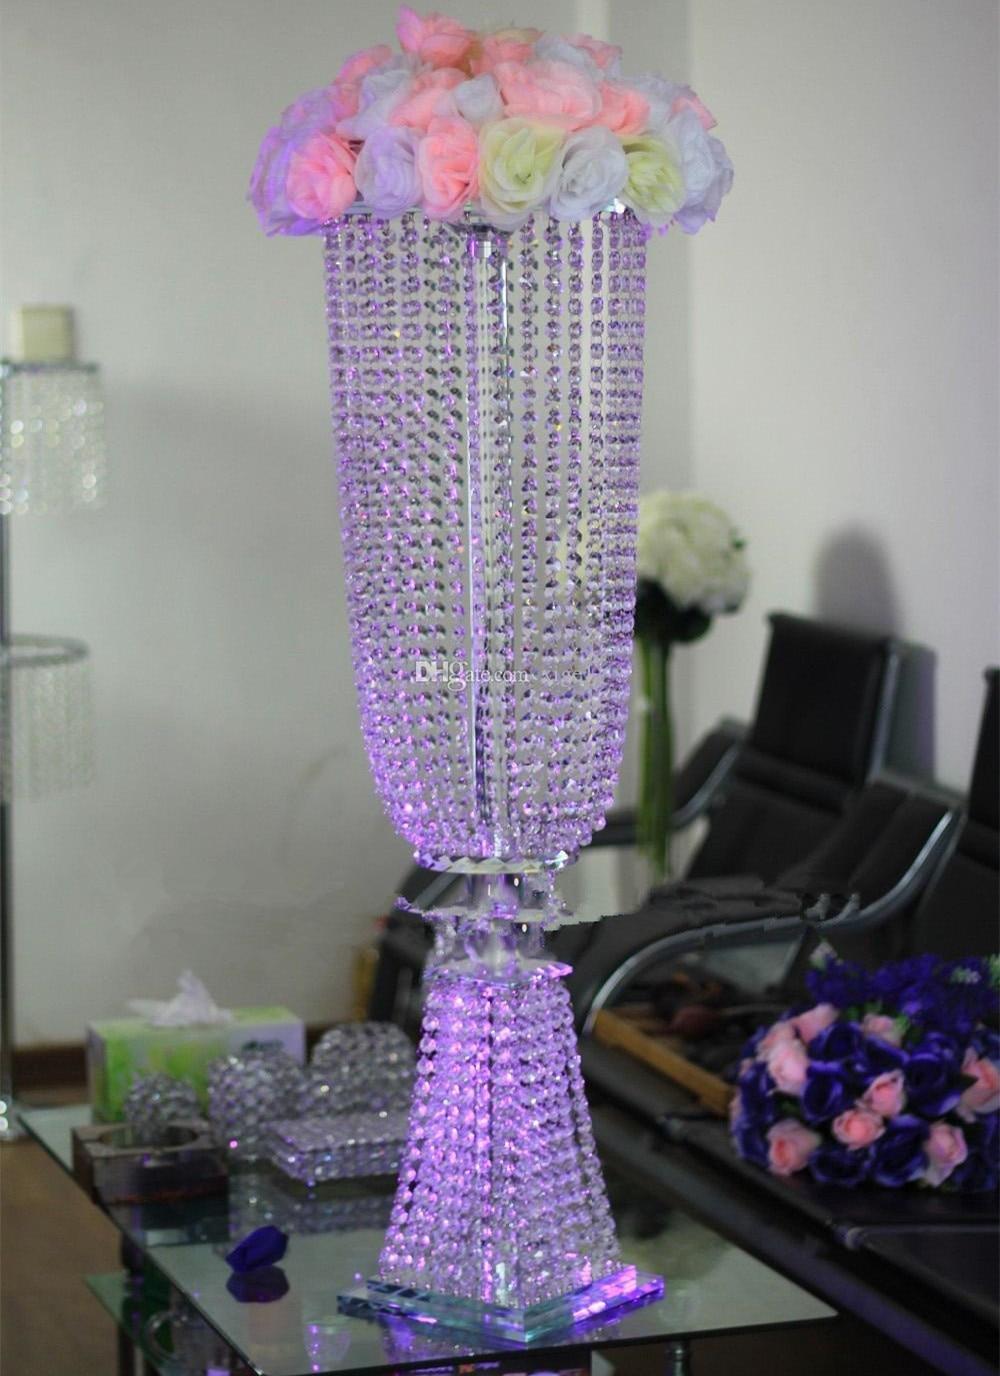 Cortina de cuentas de cristal de 100 cm de alto citada para decoración de bodas, decoración de mesa, candelabro, accesorios de decoración de área de bienvenida F